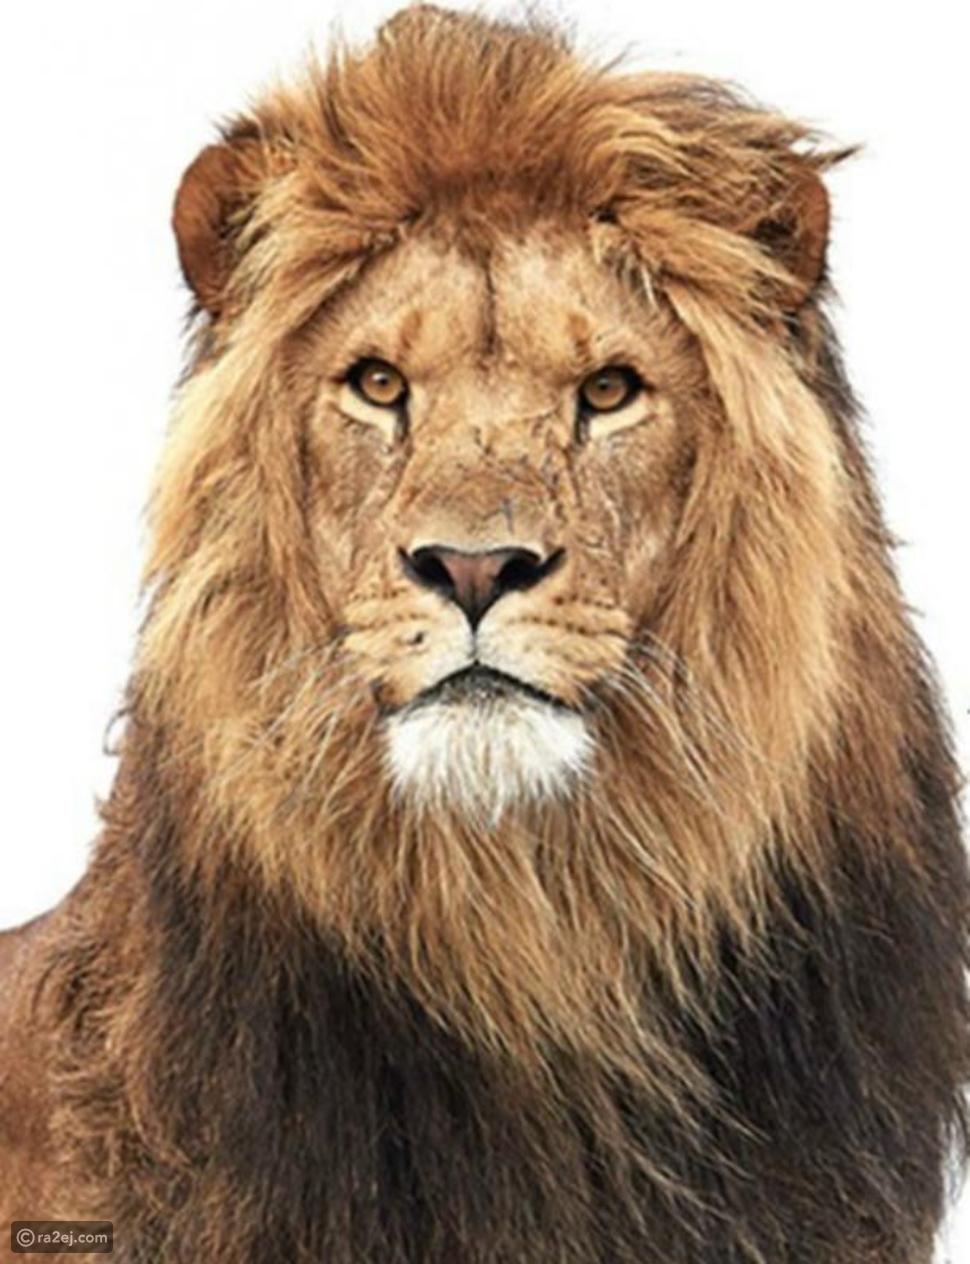 اختبار: أول حيوان تراه بالصورة يكشف سمات شخصيتك التي تخفيها عن العالم